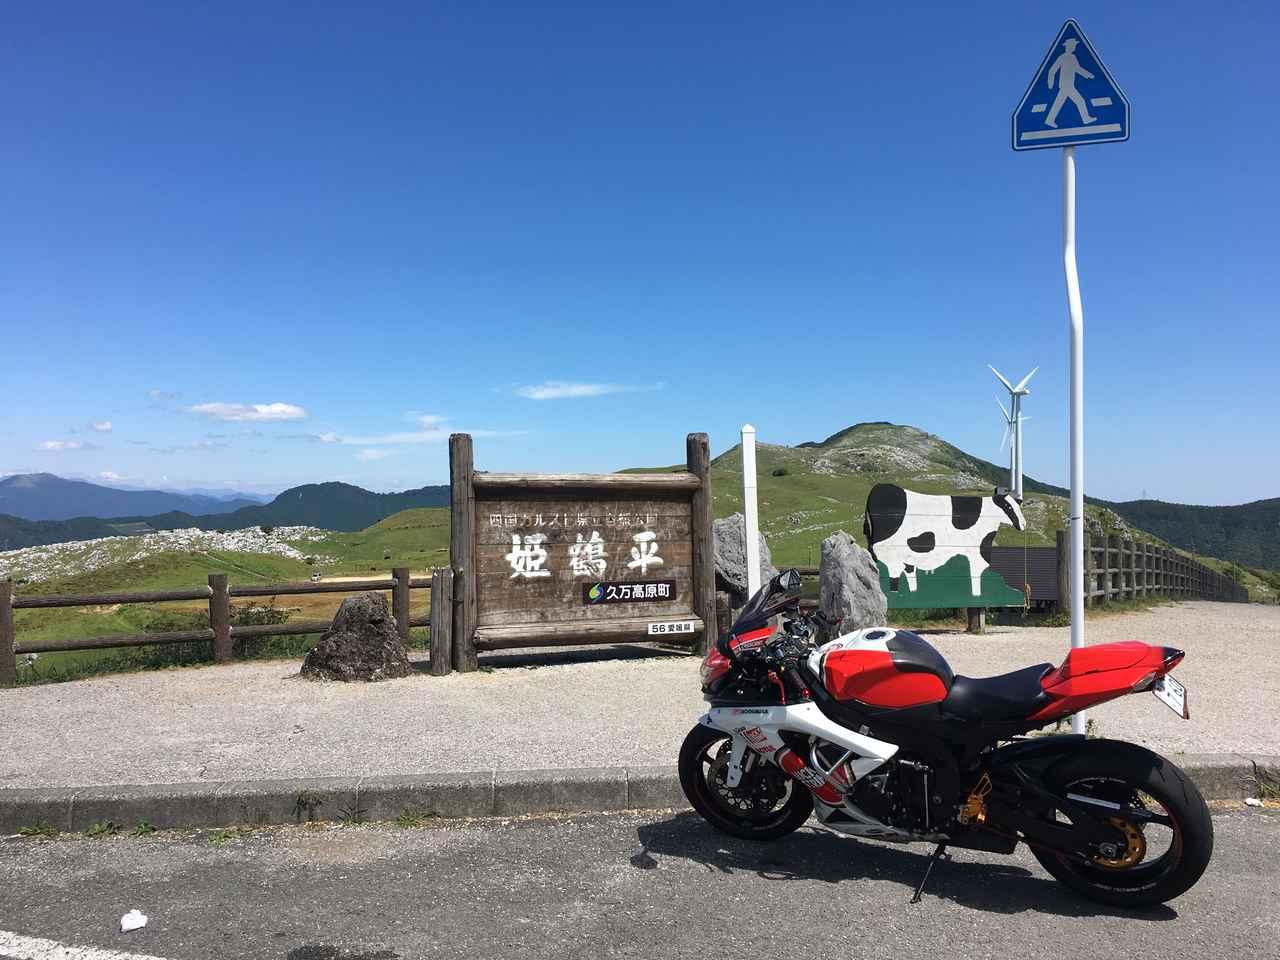 画像3: 神奈川から愛媛まで、GSX-R750でロンツーへ!(モリメグ)